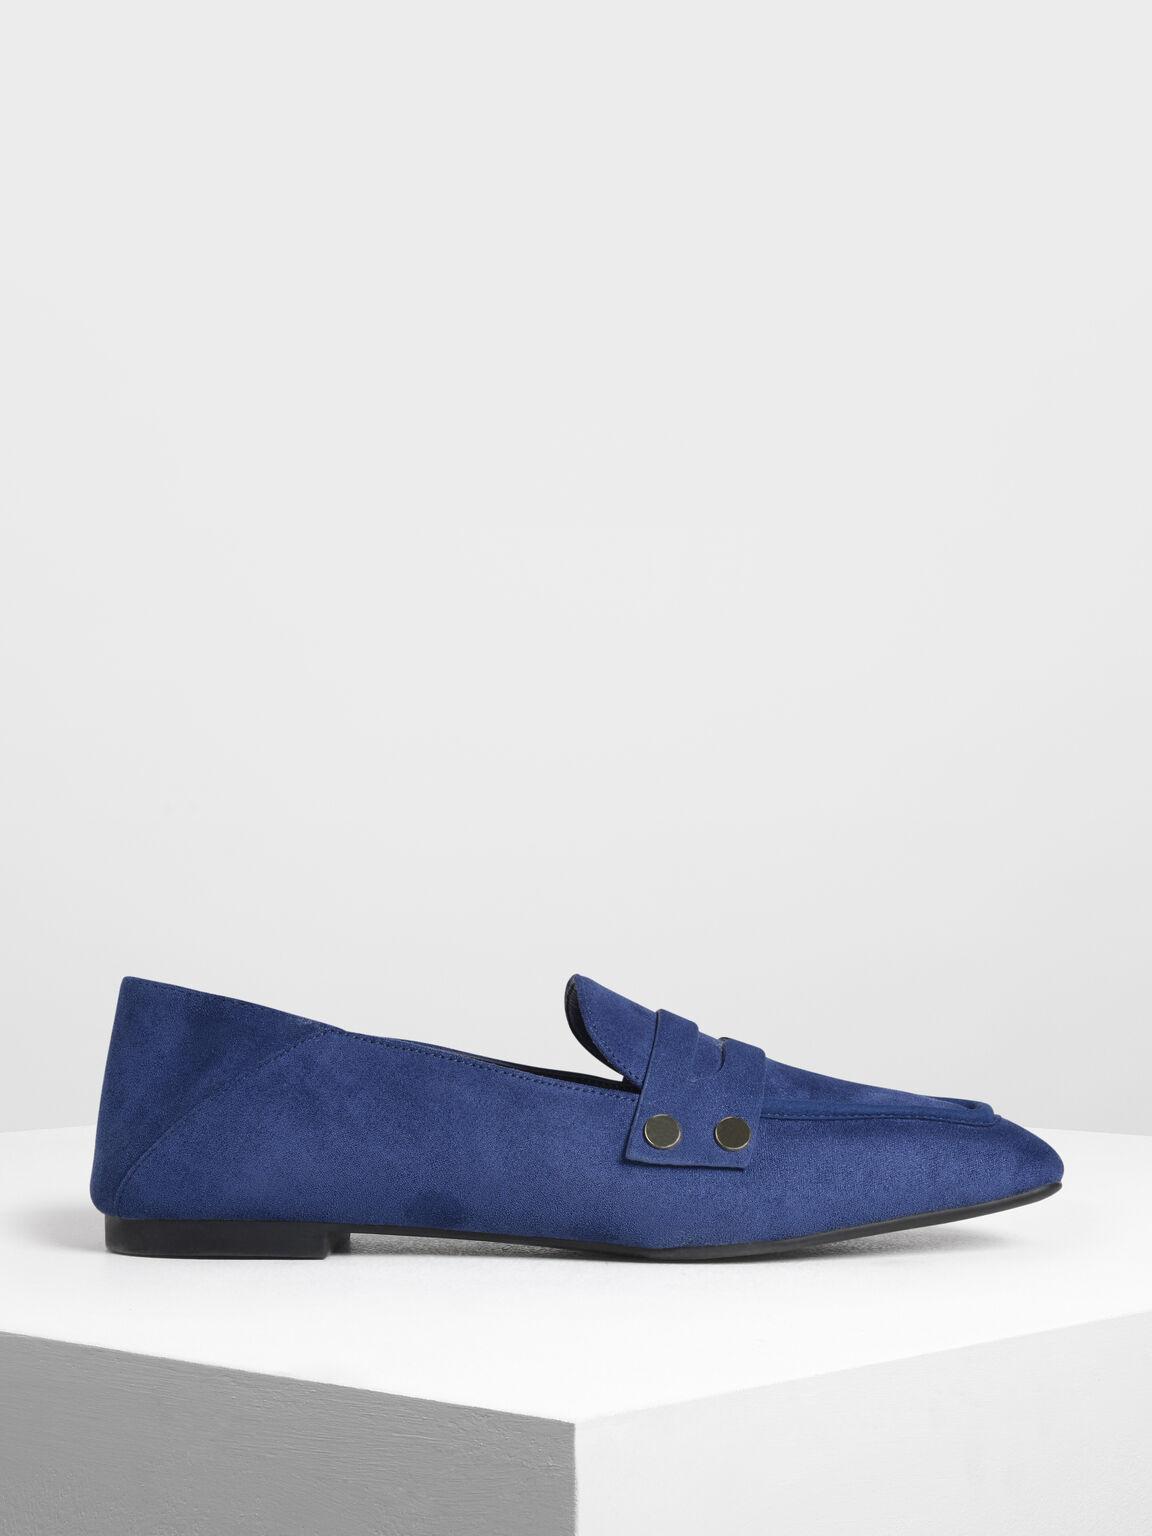 Stud Detail Step Back Penny Loafers, Dark Blue, hi-res